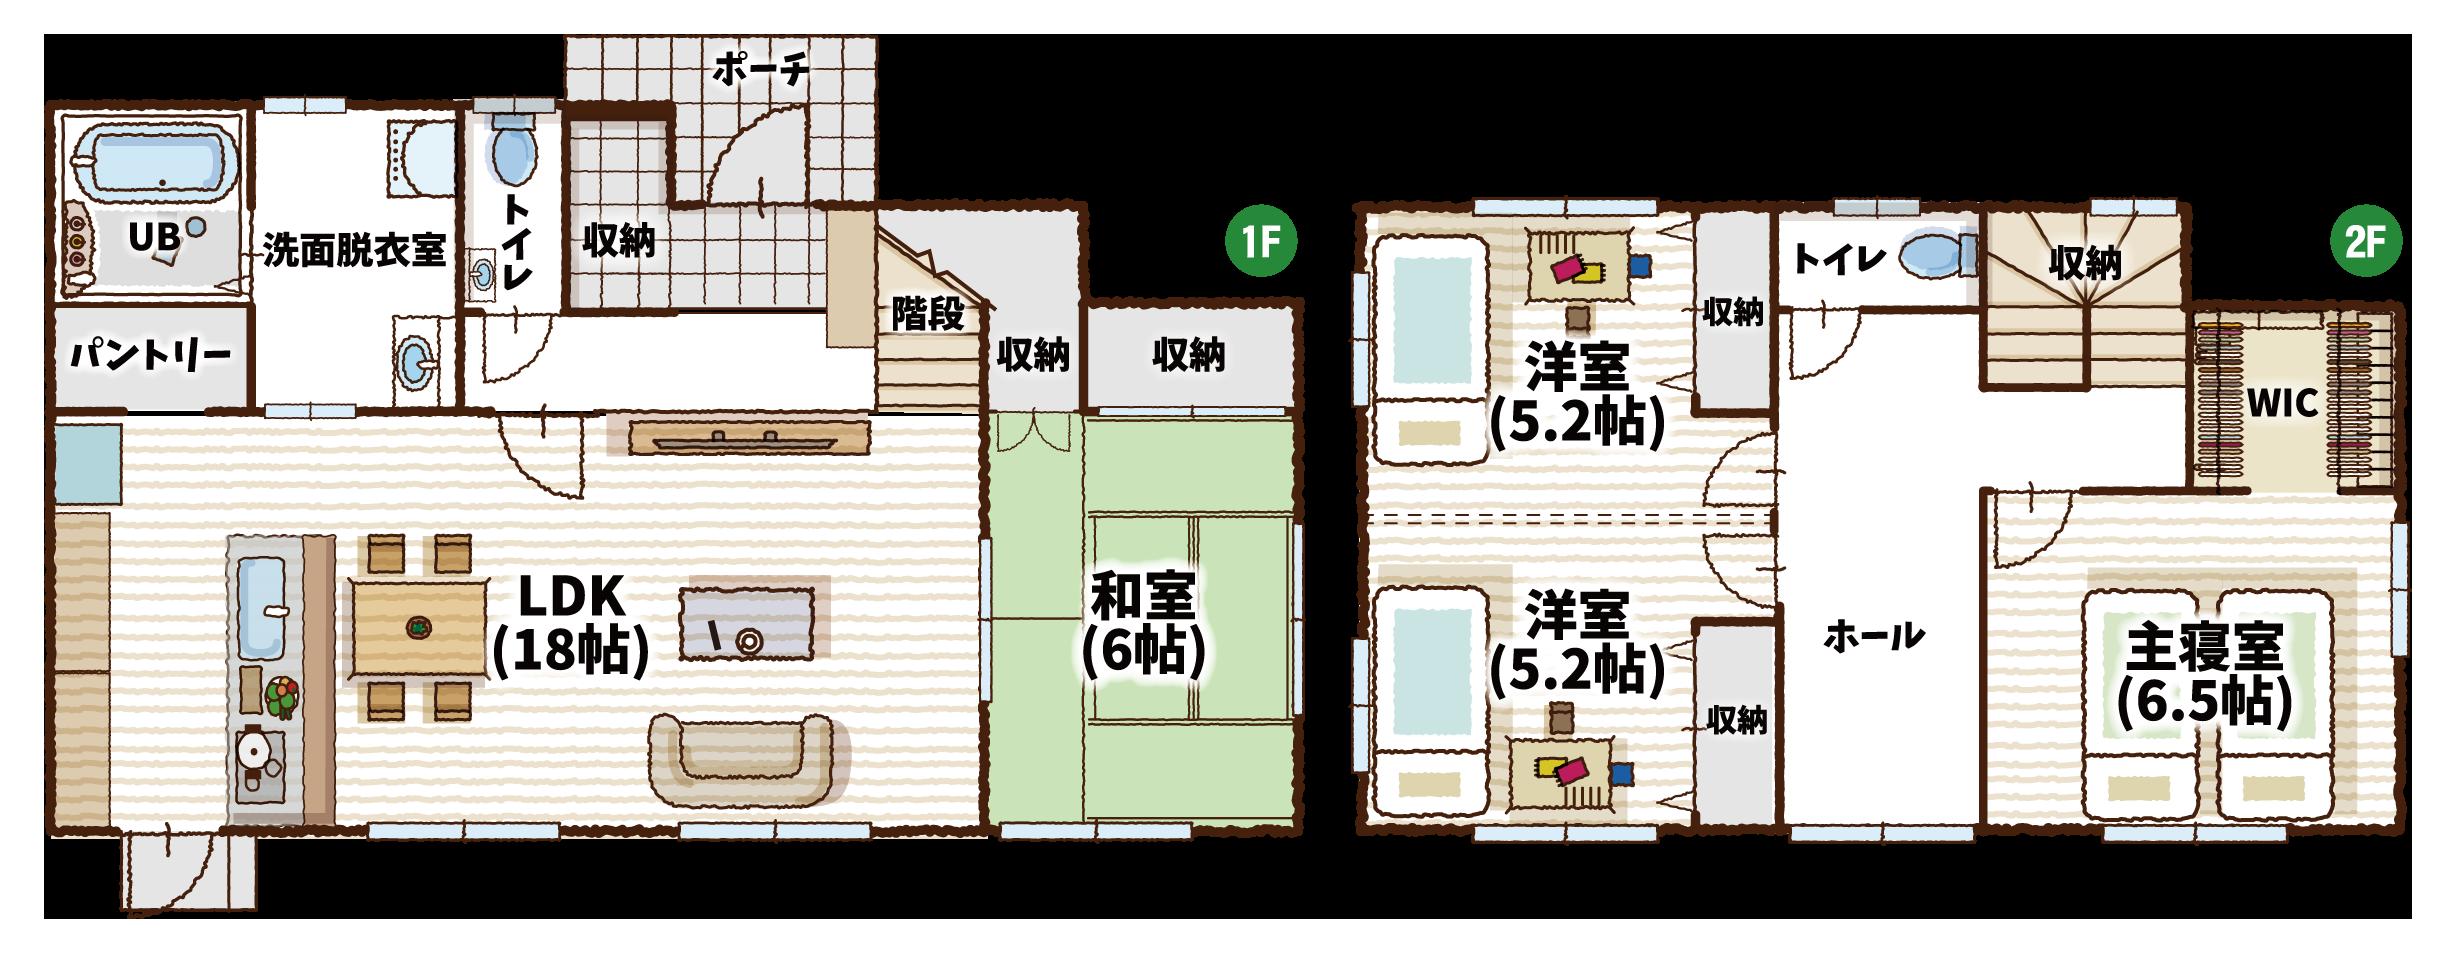 kotobuki2_03